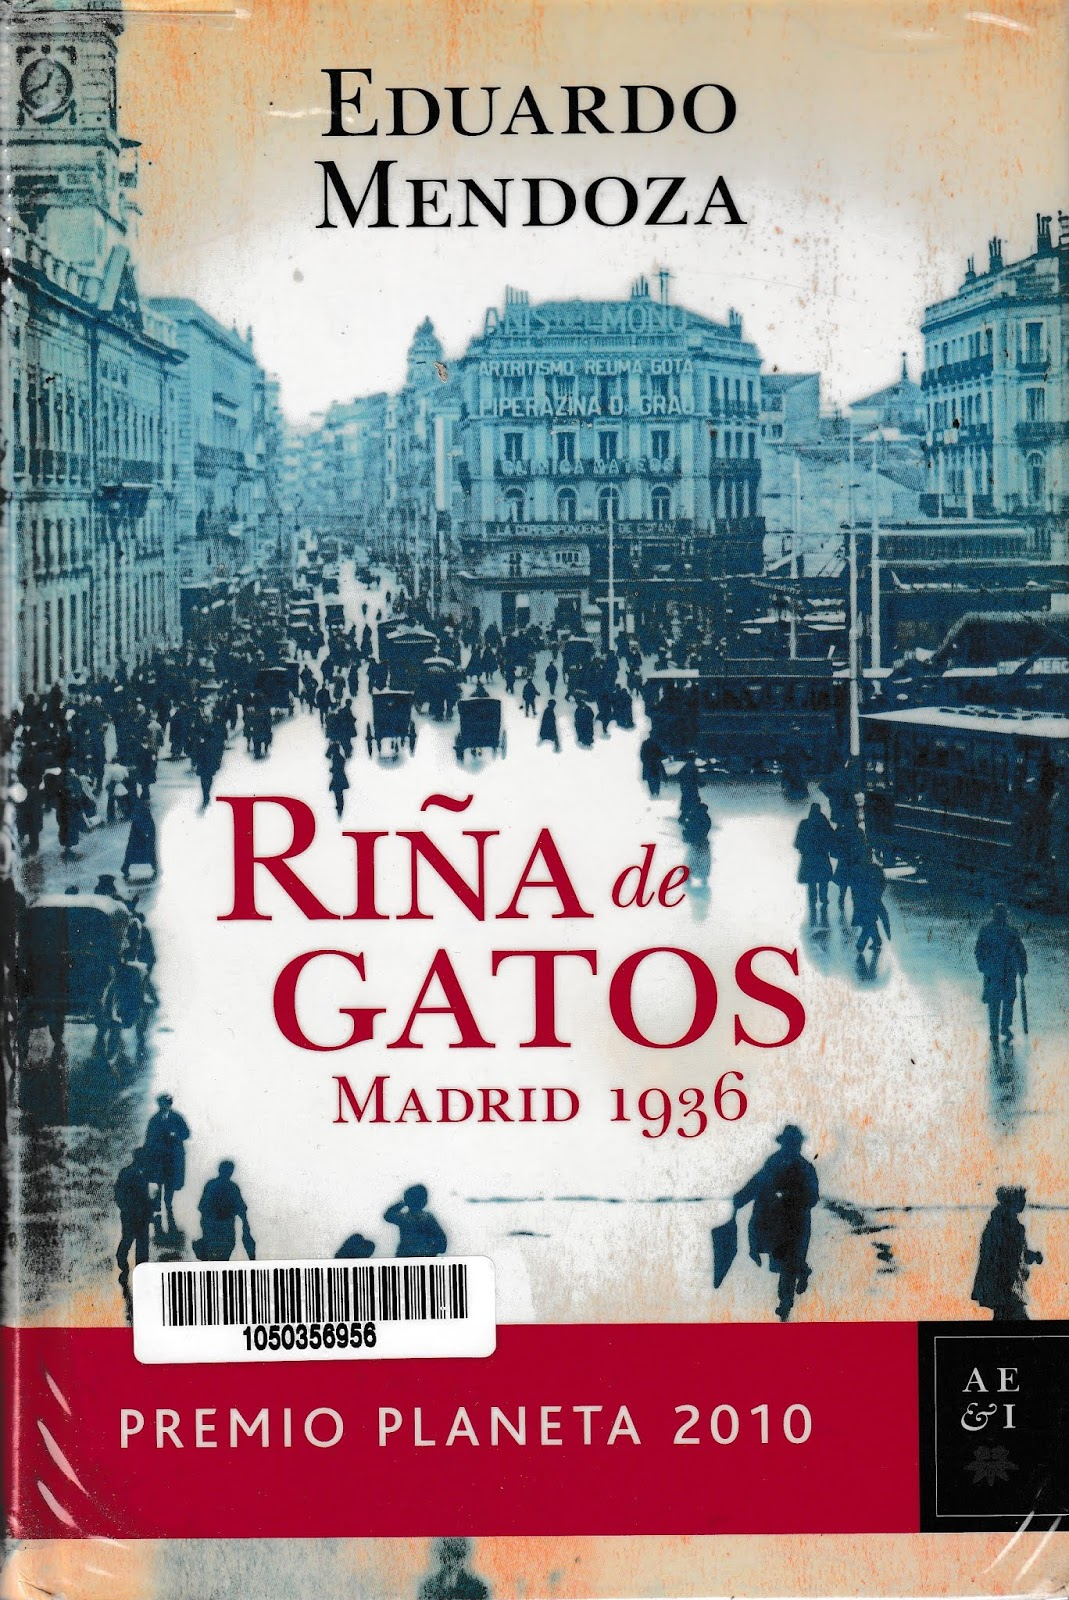 Tertulias poéticas: RIÑA DE GATOS